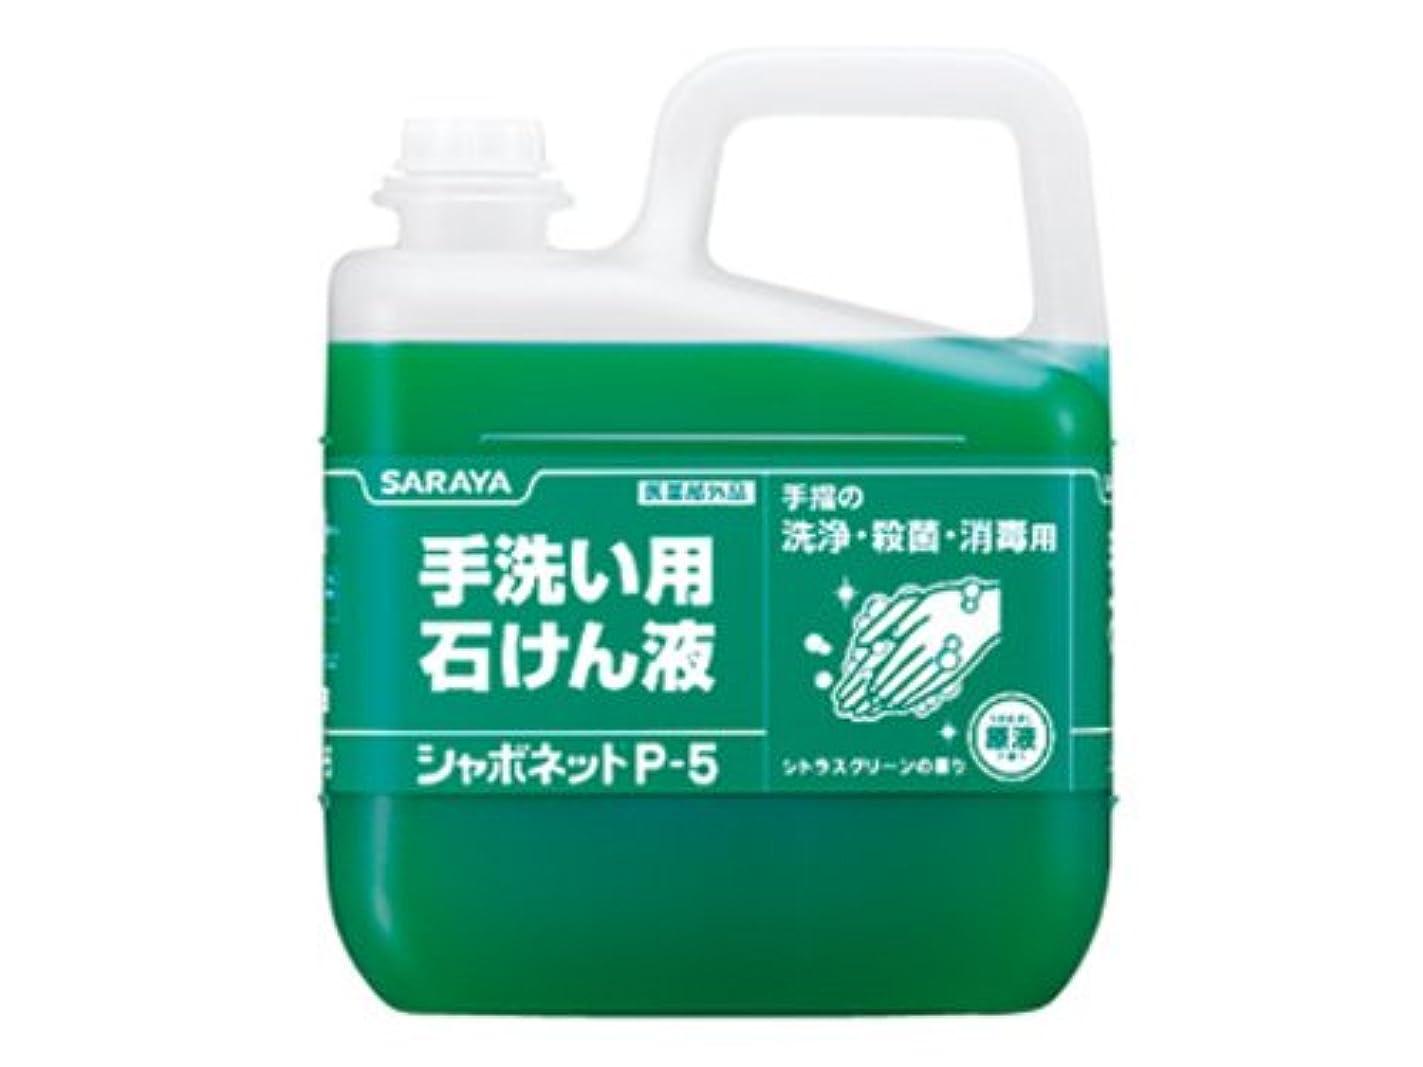 請求ペインギリック過去業務用ハンドソープ サラヤ シャボネット石鹸液P-5 5kgX3本入り